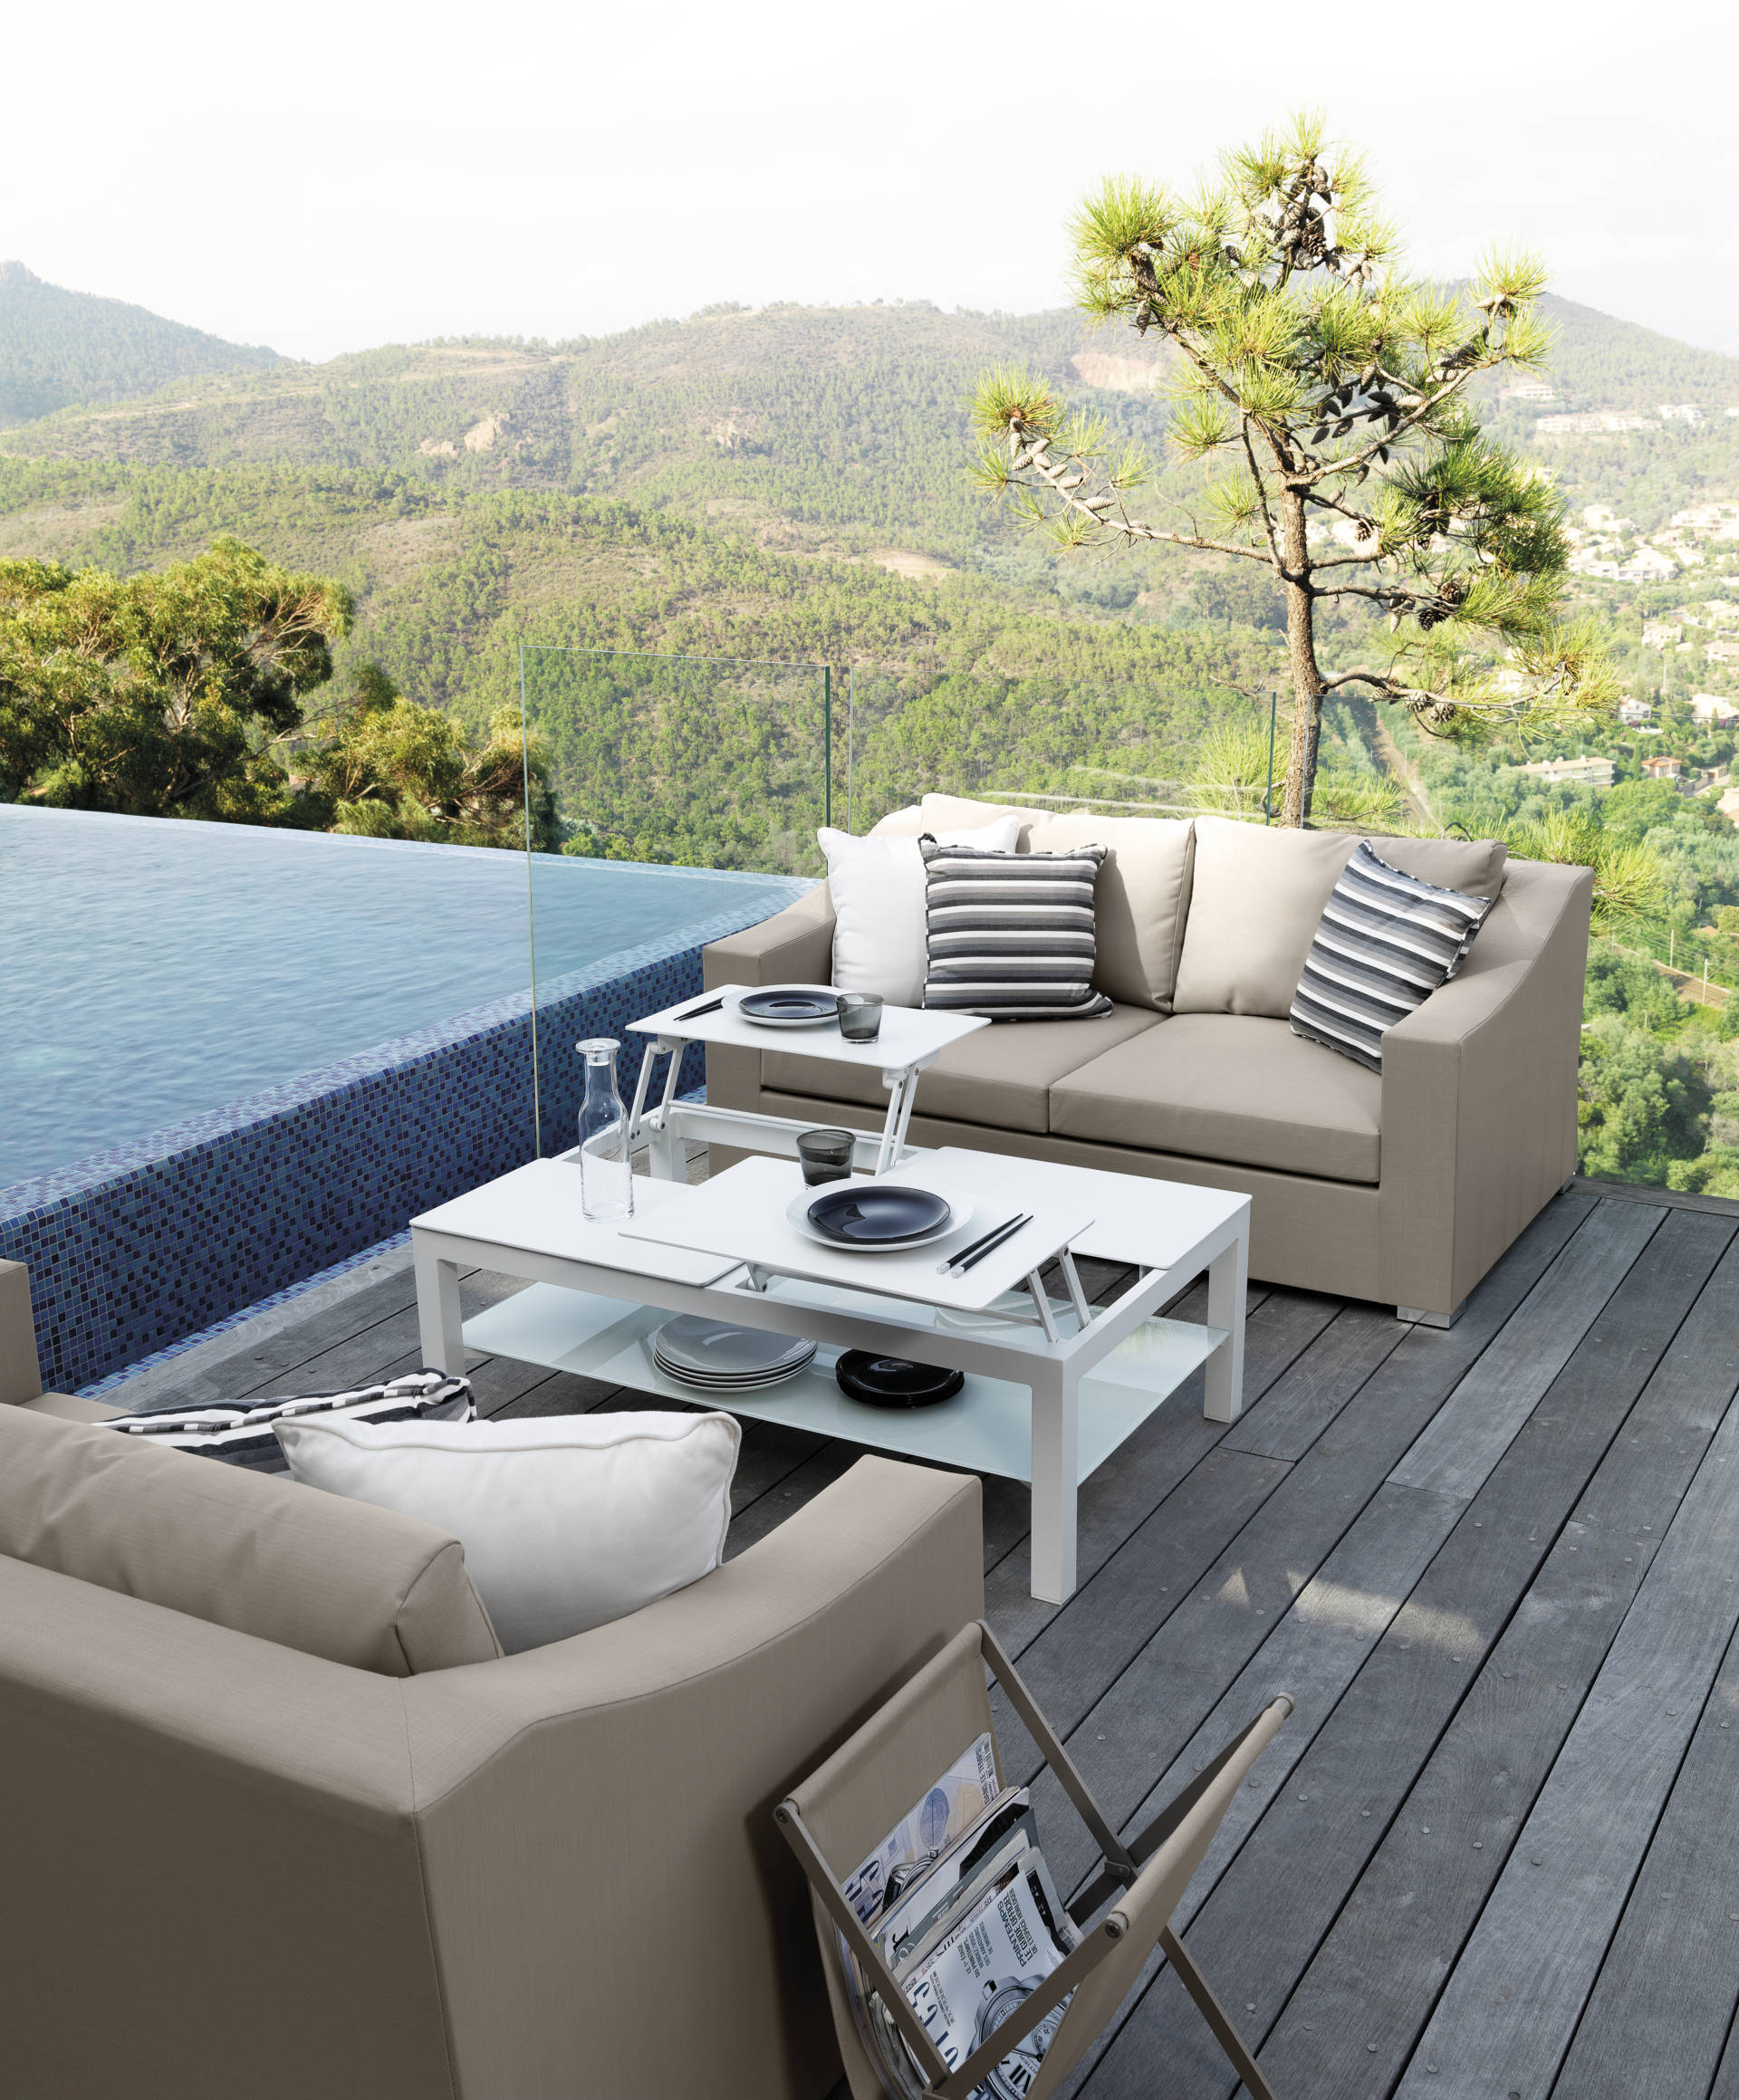 Vivereverde sofa chiccollection divani esterni per for Arredo barche